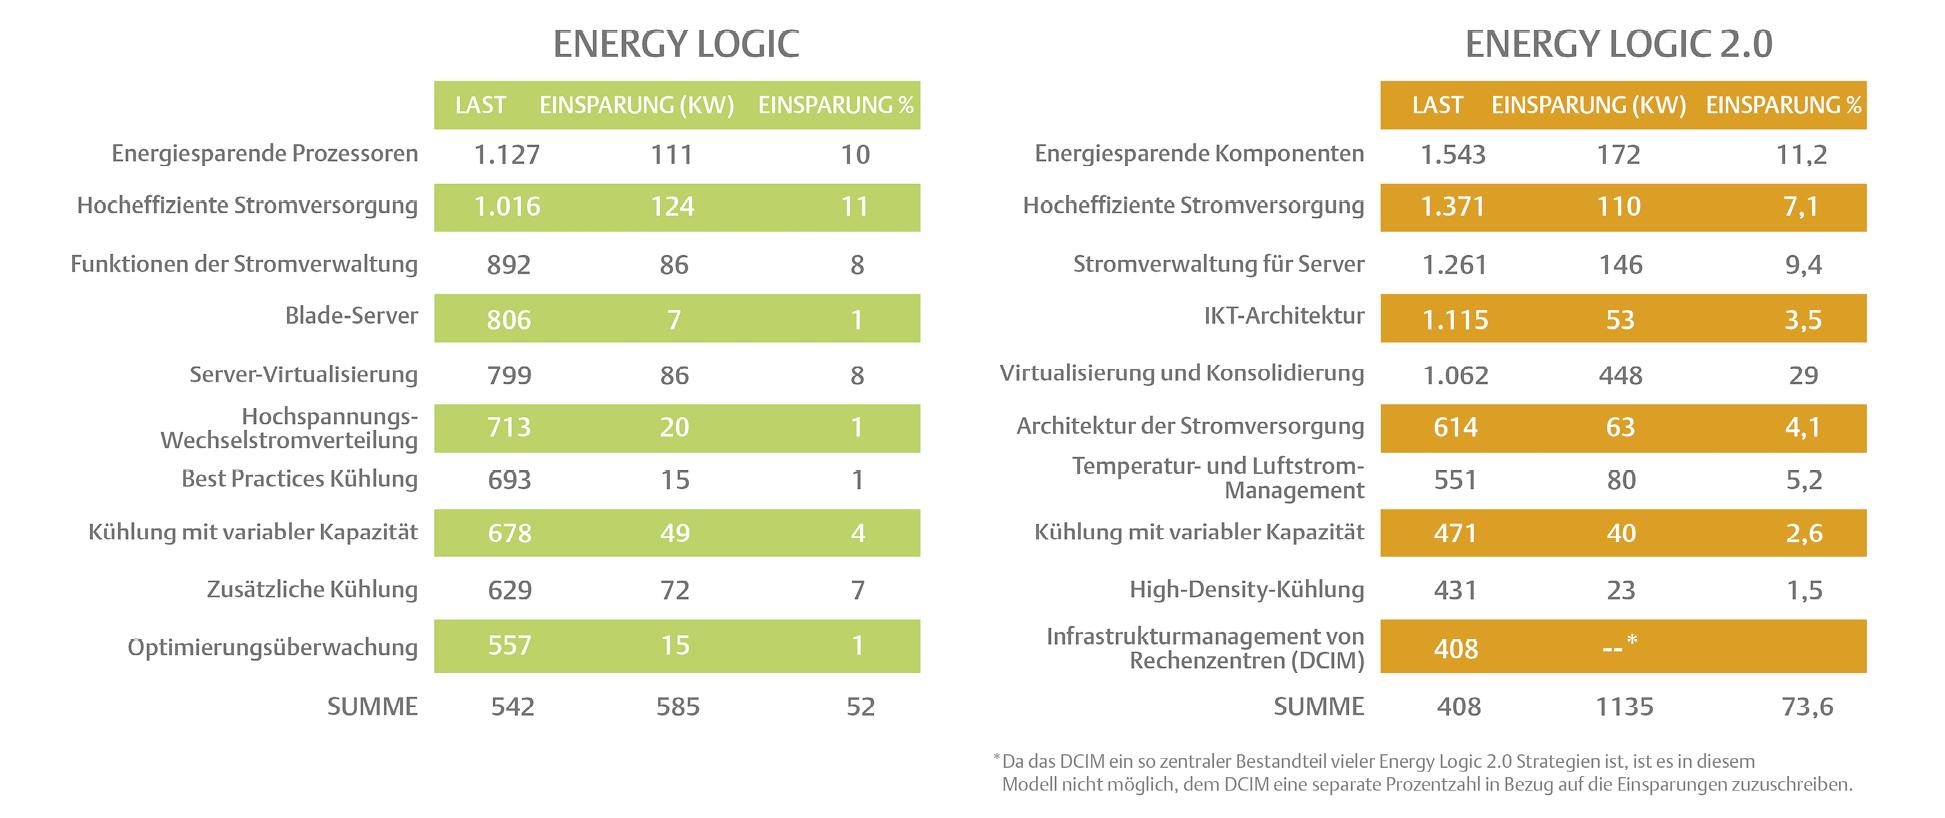 Energy Logic 2.0 geht im Vergleich zu Energy Logic von einer Steigerung des gesamten Energieverbrauchs in einem  Rechenzentrum um 415 kW aus.